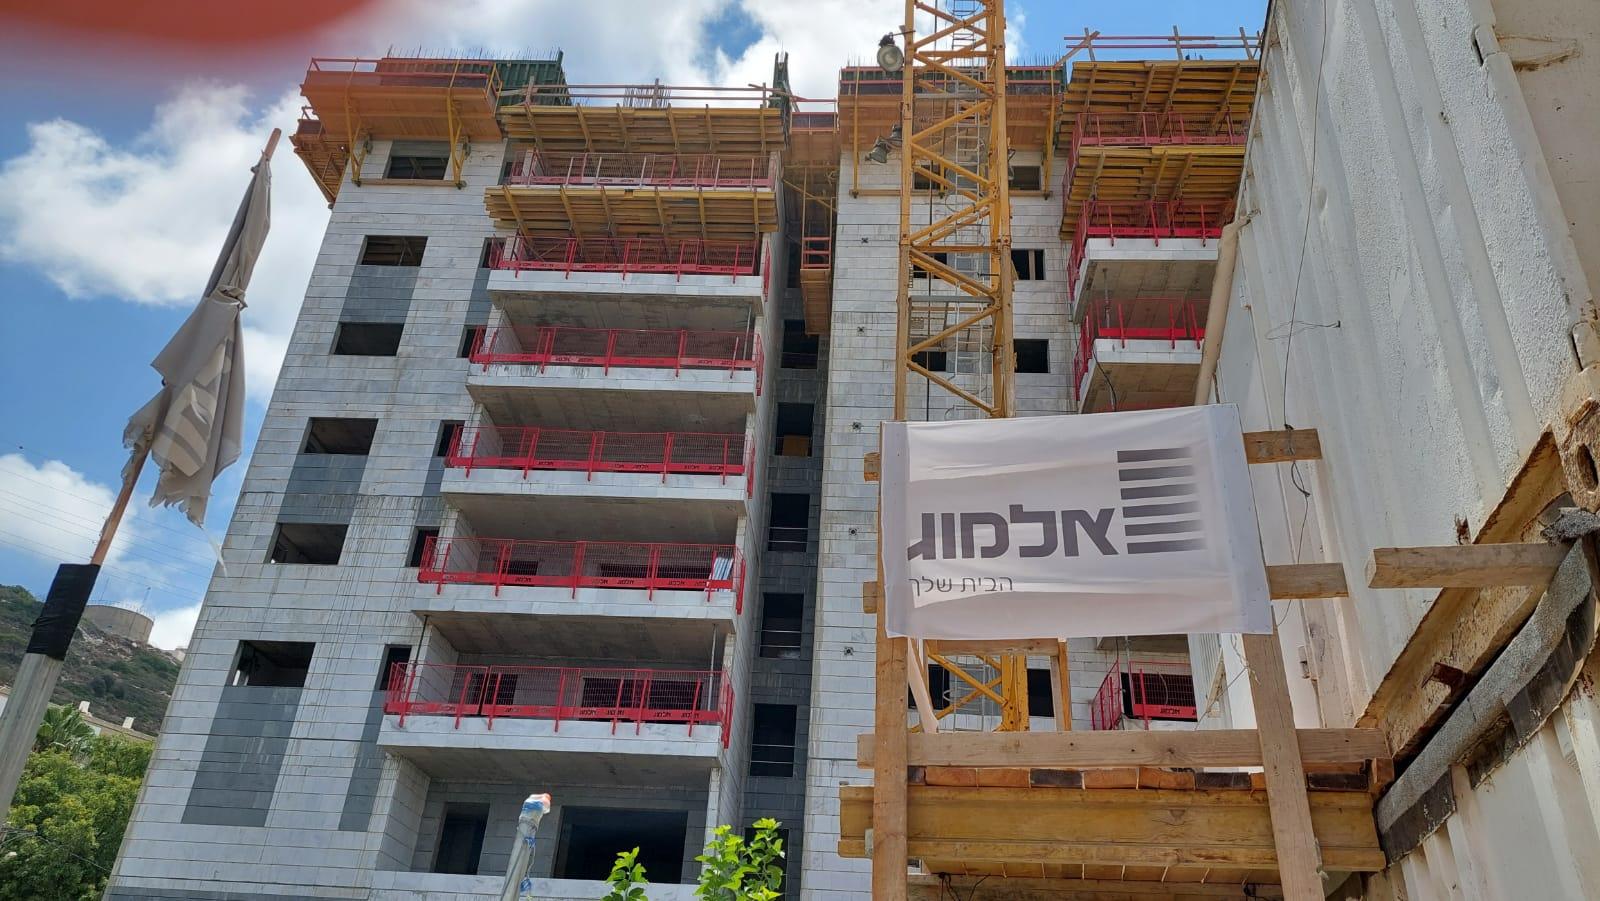 עבודות שלד קומה 10 עבודות חשמל ואינסטלציה ביטון וטיח קומות נמוכות 12.08.2021